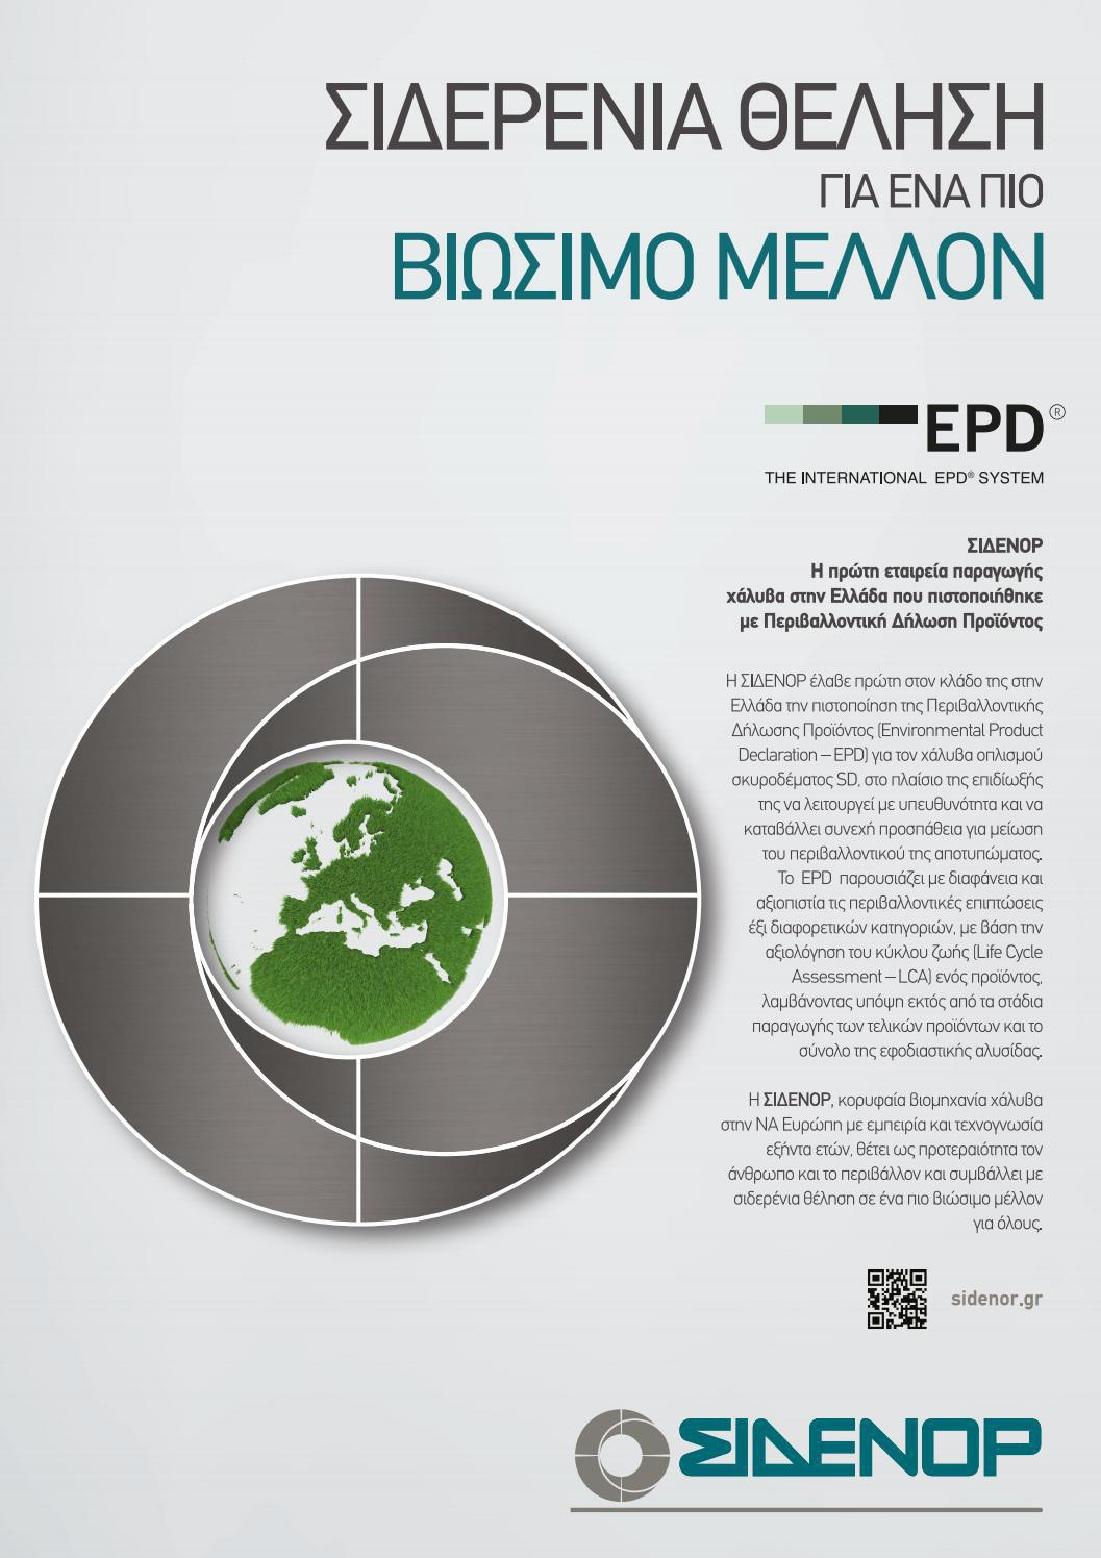 Οπισθόφυλλο του εντύπου «CONSTRUCTION» που δημοσιεύτηκε στις 01/09/2021